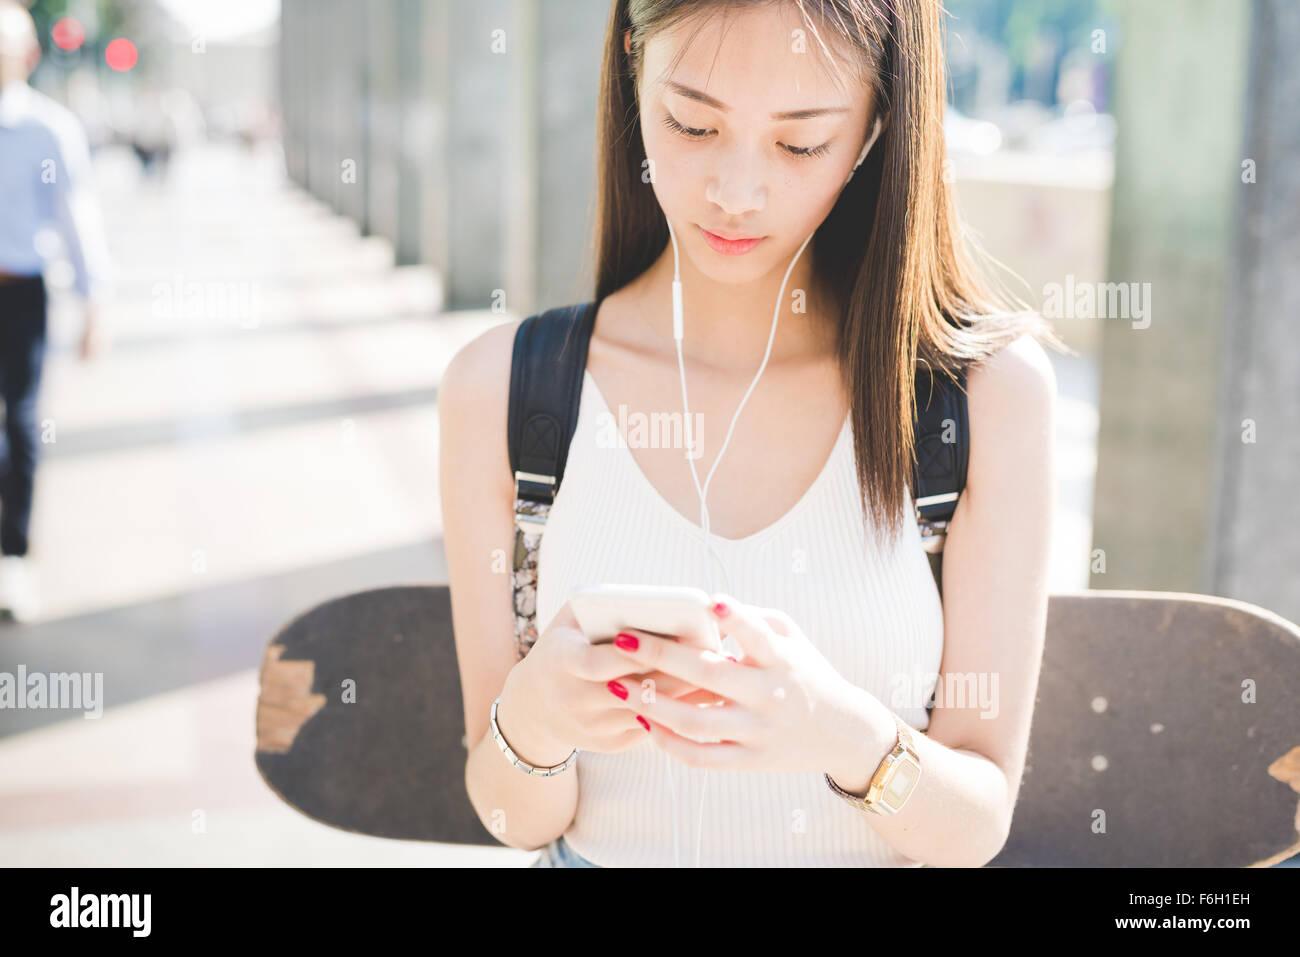 La moitié de la longueur de cheveux longs asiatique beau jeune patineuse femme marche dans la ville, à Photo Stock